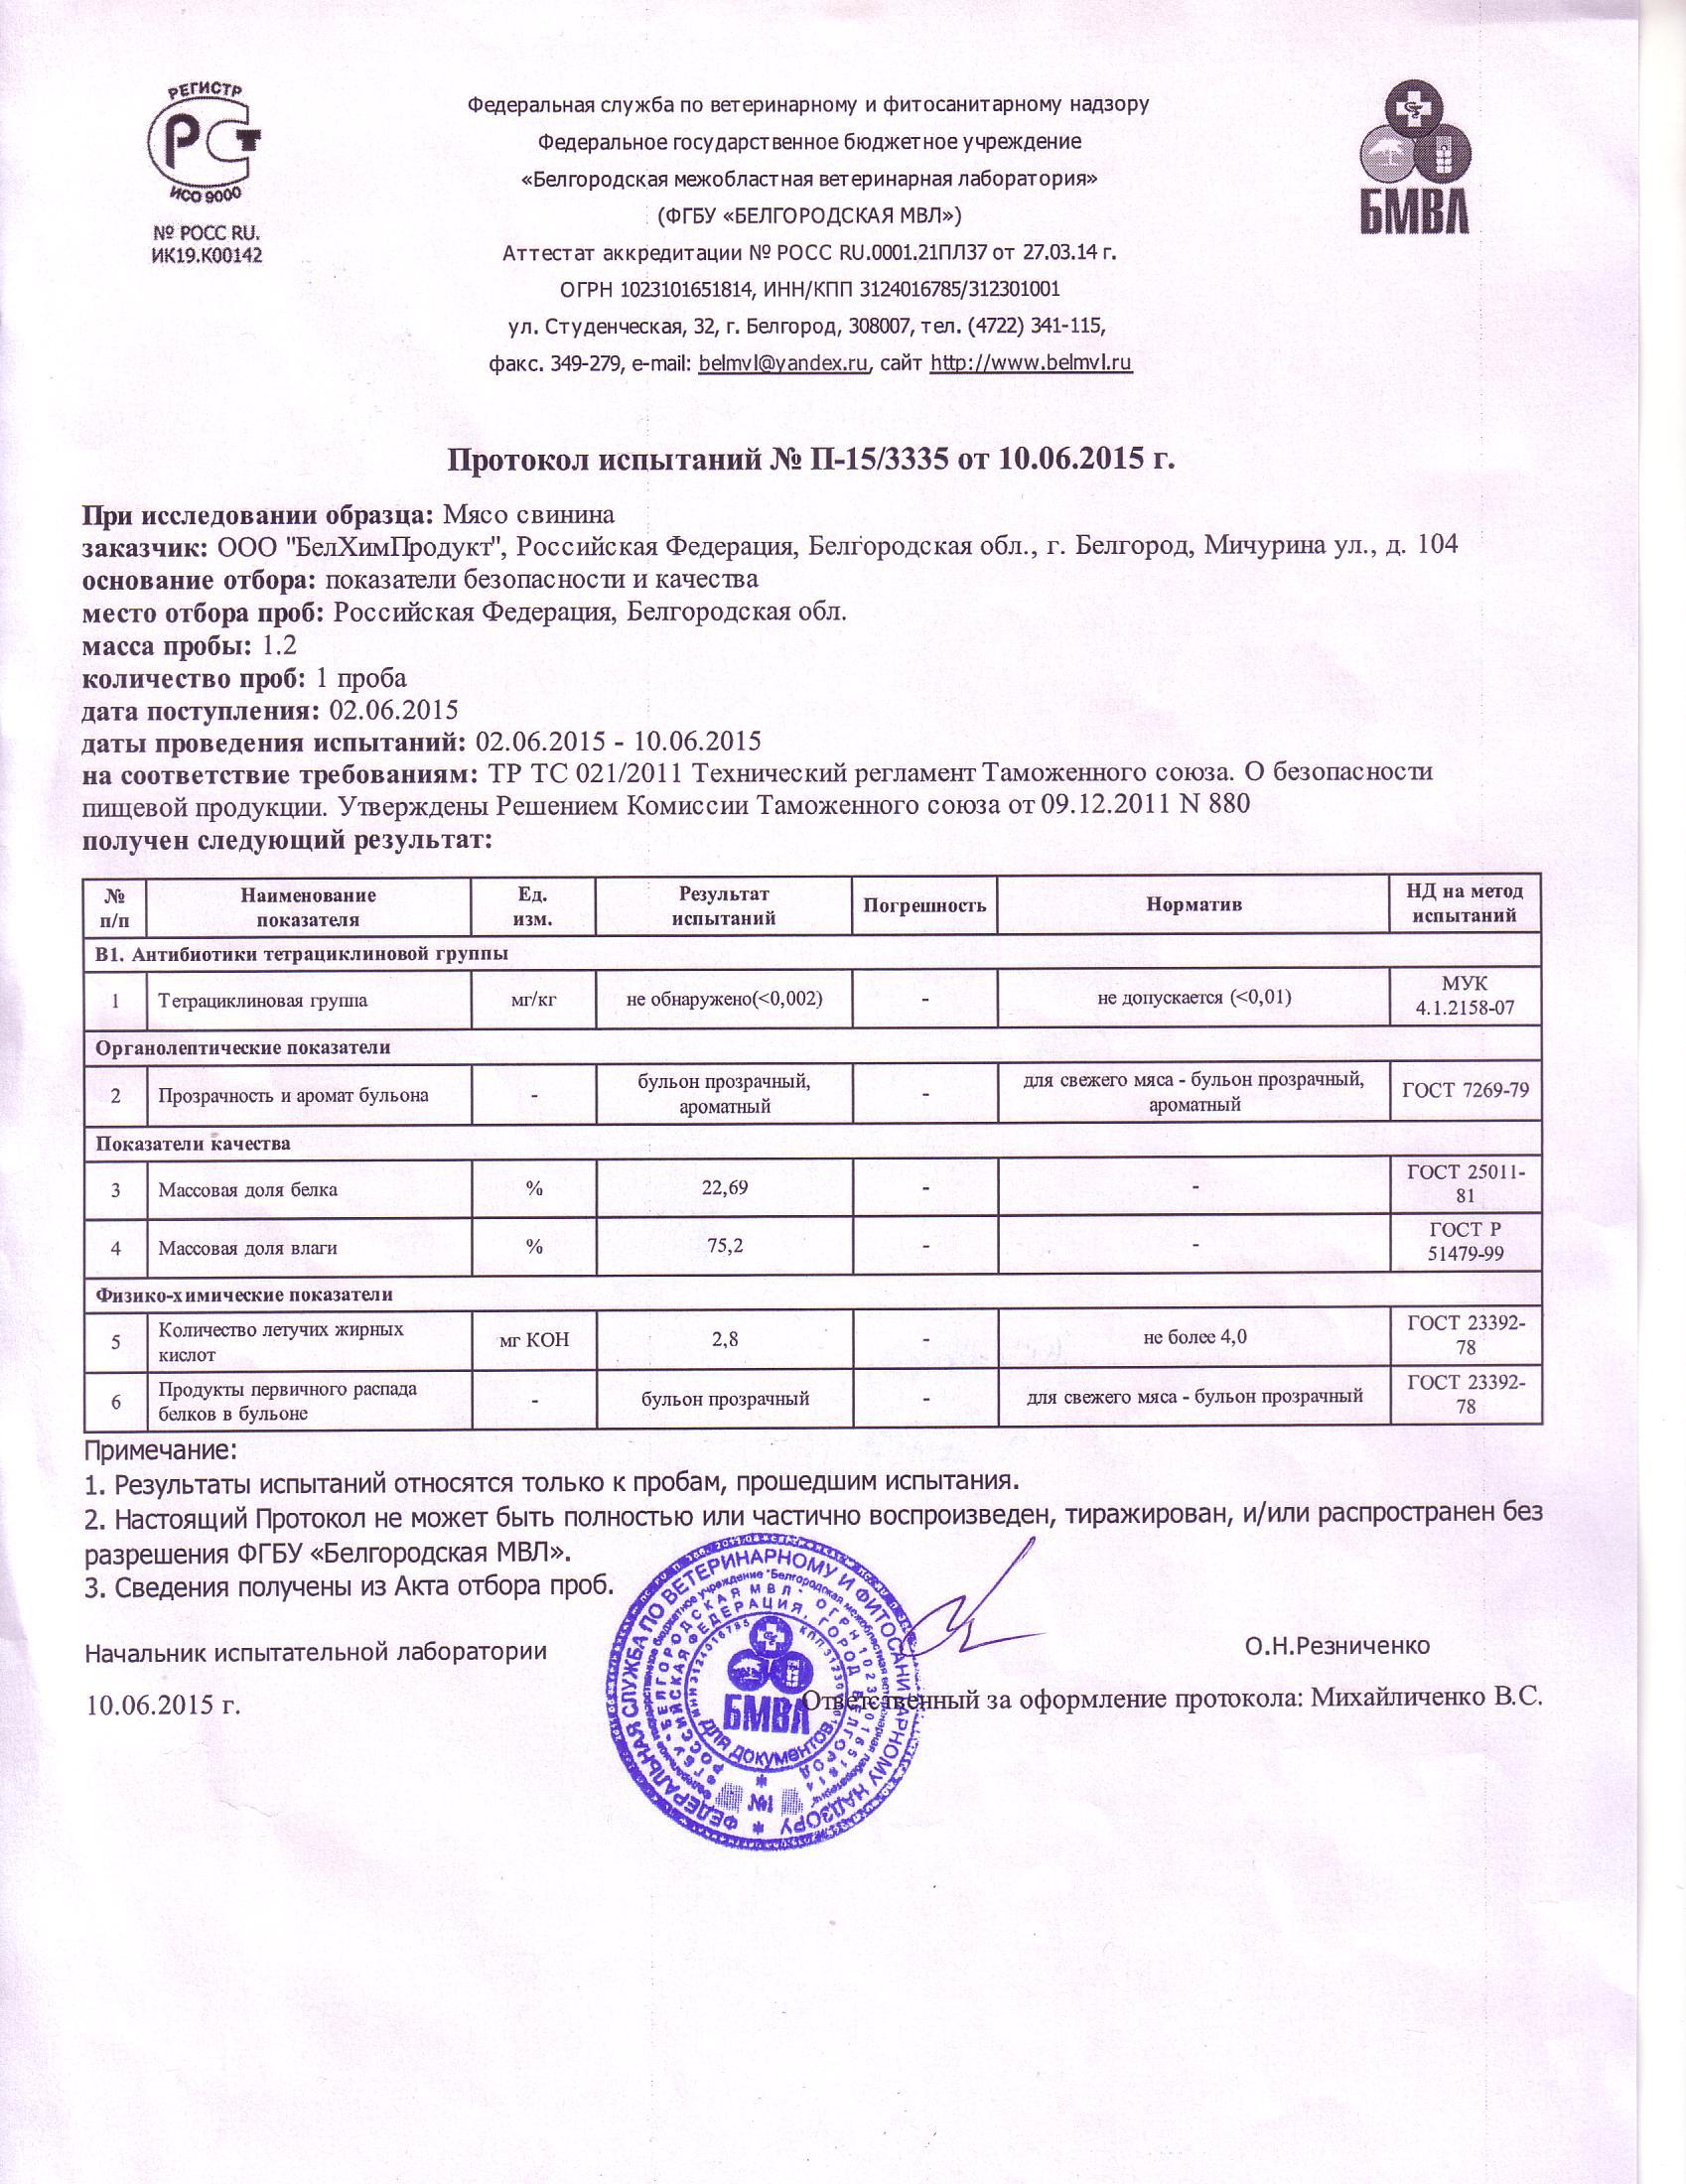 Протокол испытаний мяса свиней употреблявших СапроСОРБ на соответствие требованиям технического регламента Таможенного союза. О безопасности пищевой продукции.